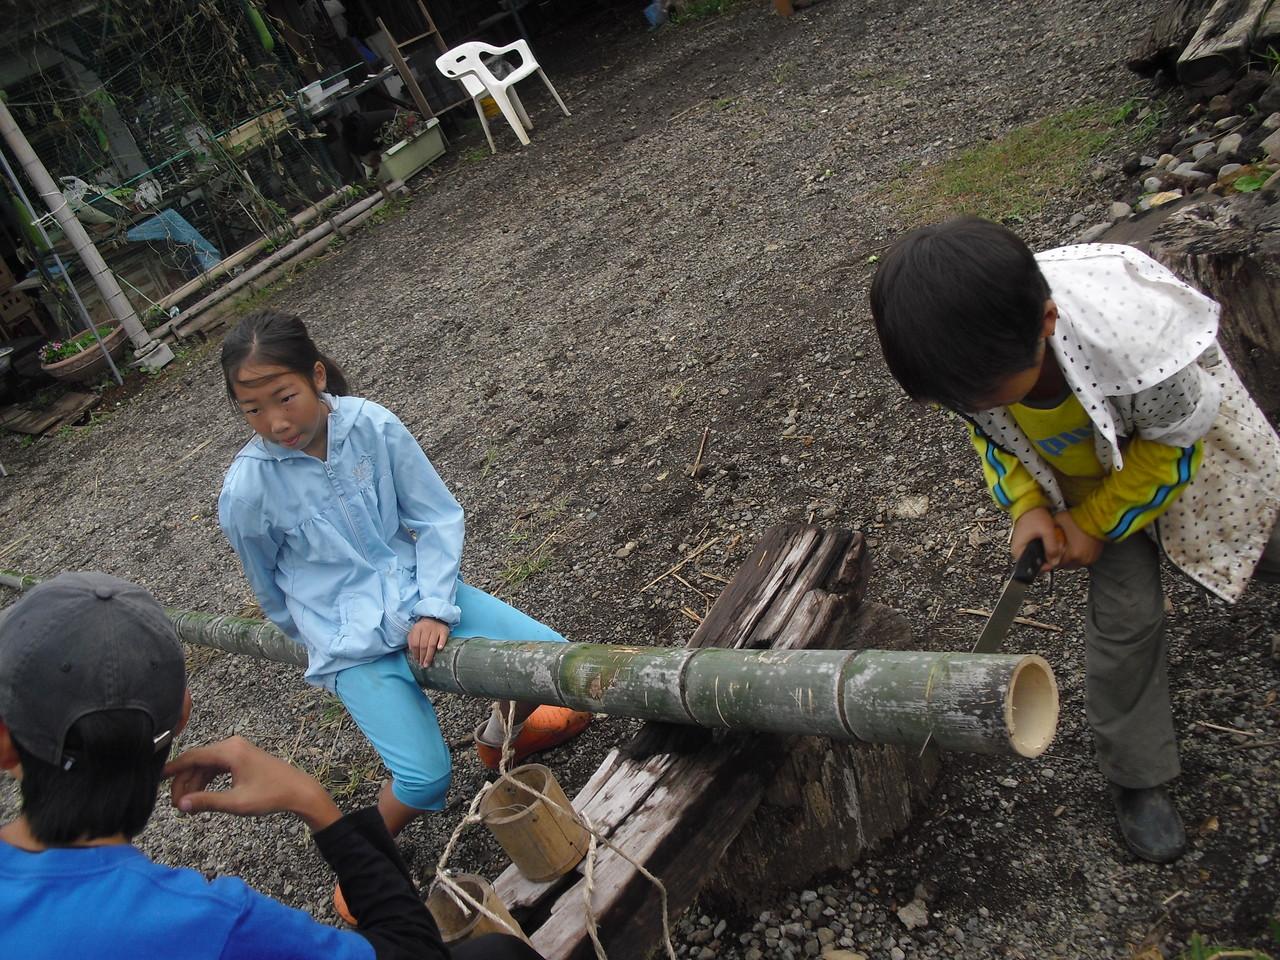 官ぽっくりが作りたくなったということで、竹を切り始めました。1年生のキミ、のこぎりも自分一人でちゃんと使って、切ることができるようになったね。